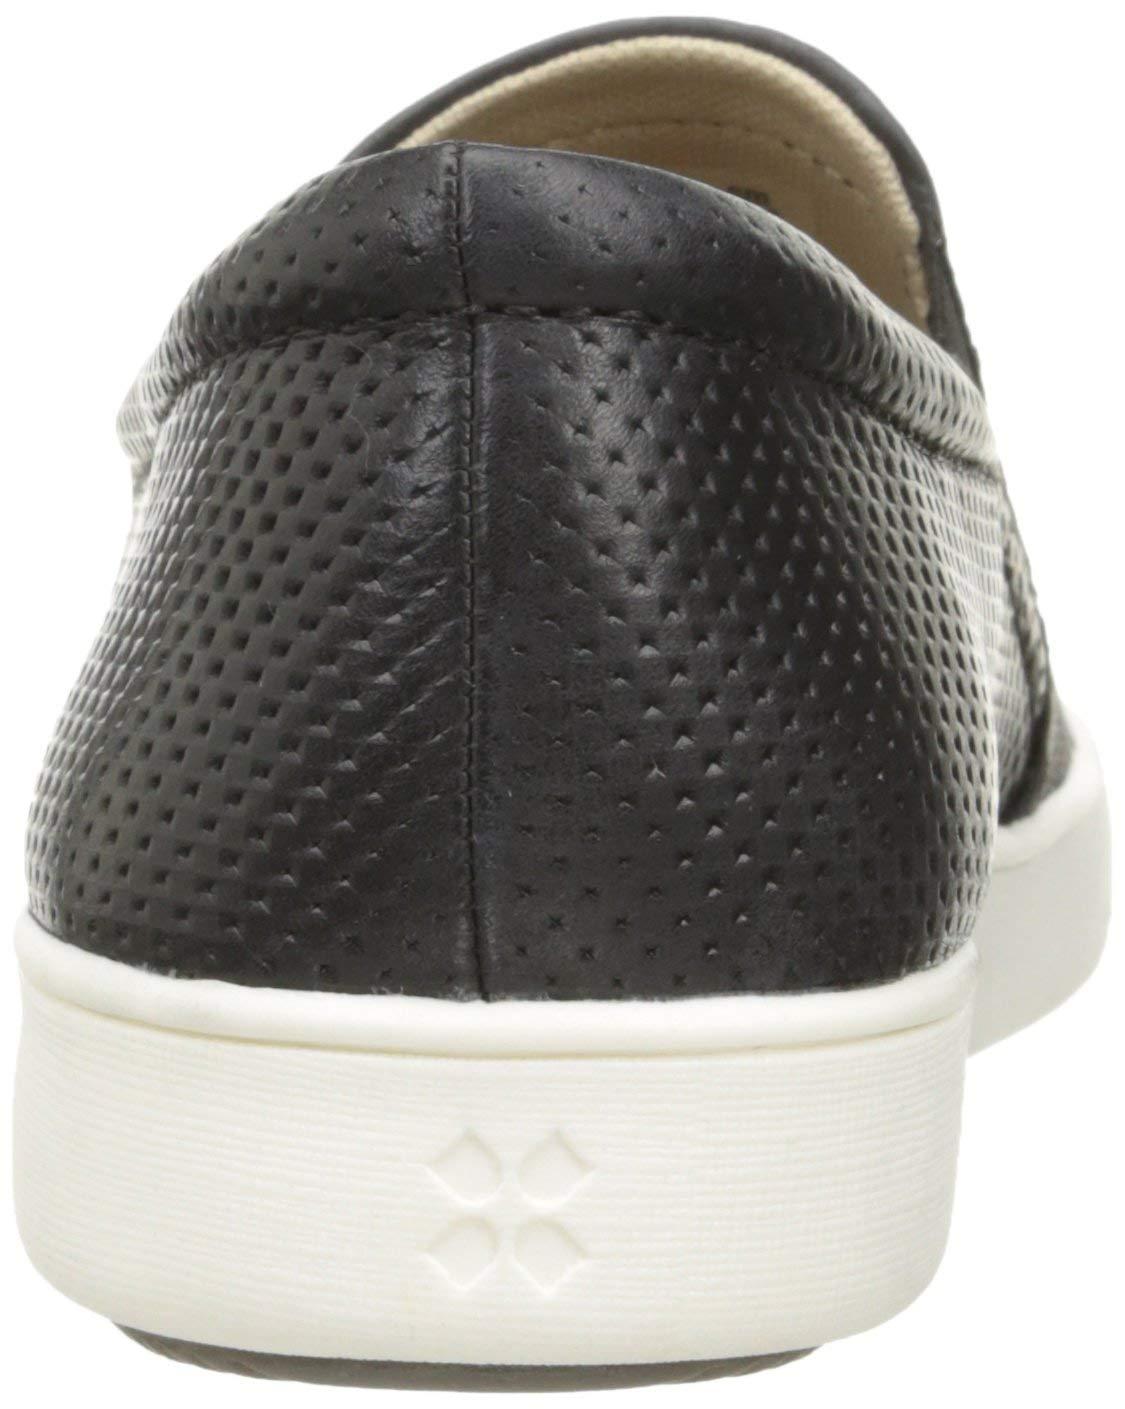 Naturalizer Women's Marianne Sneaker, Black, 8 Wide